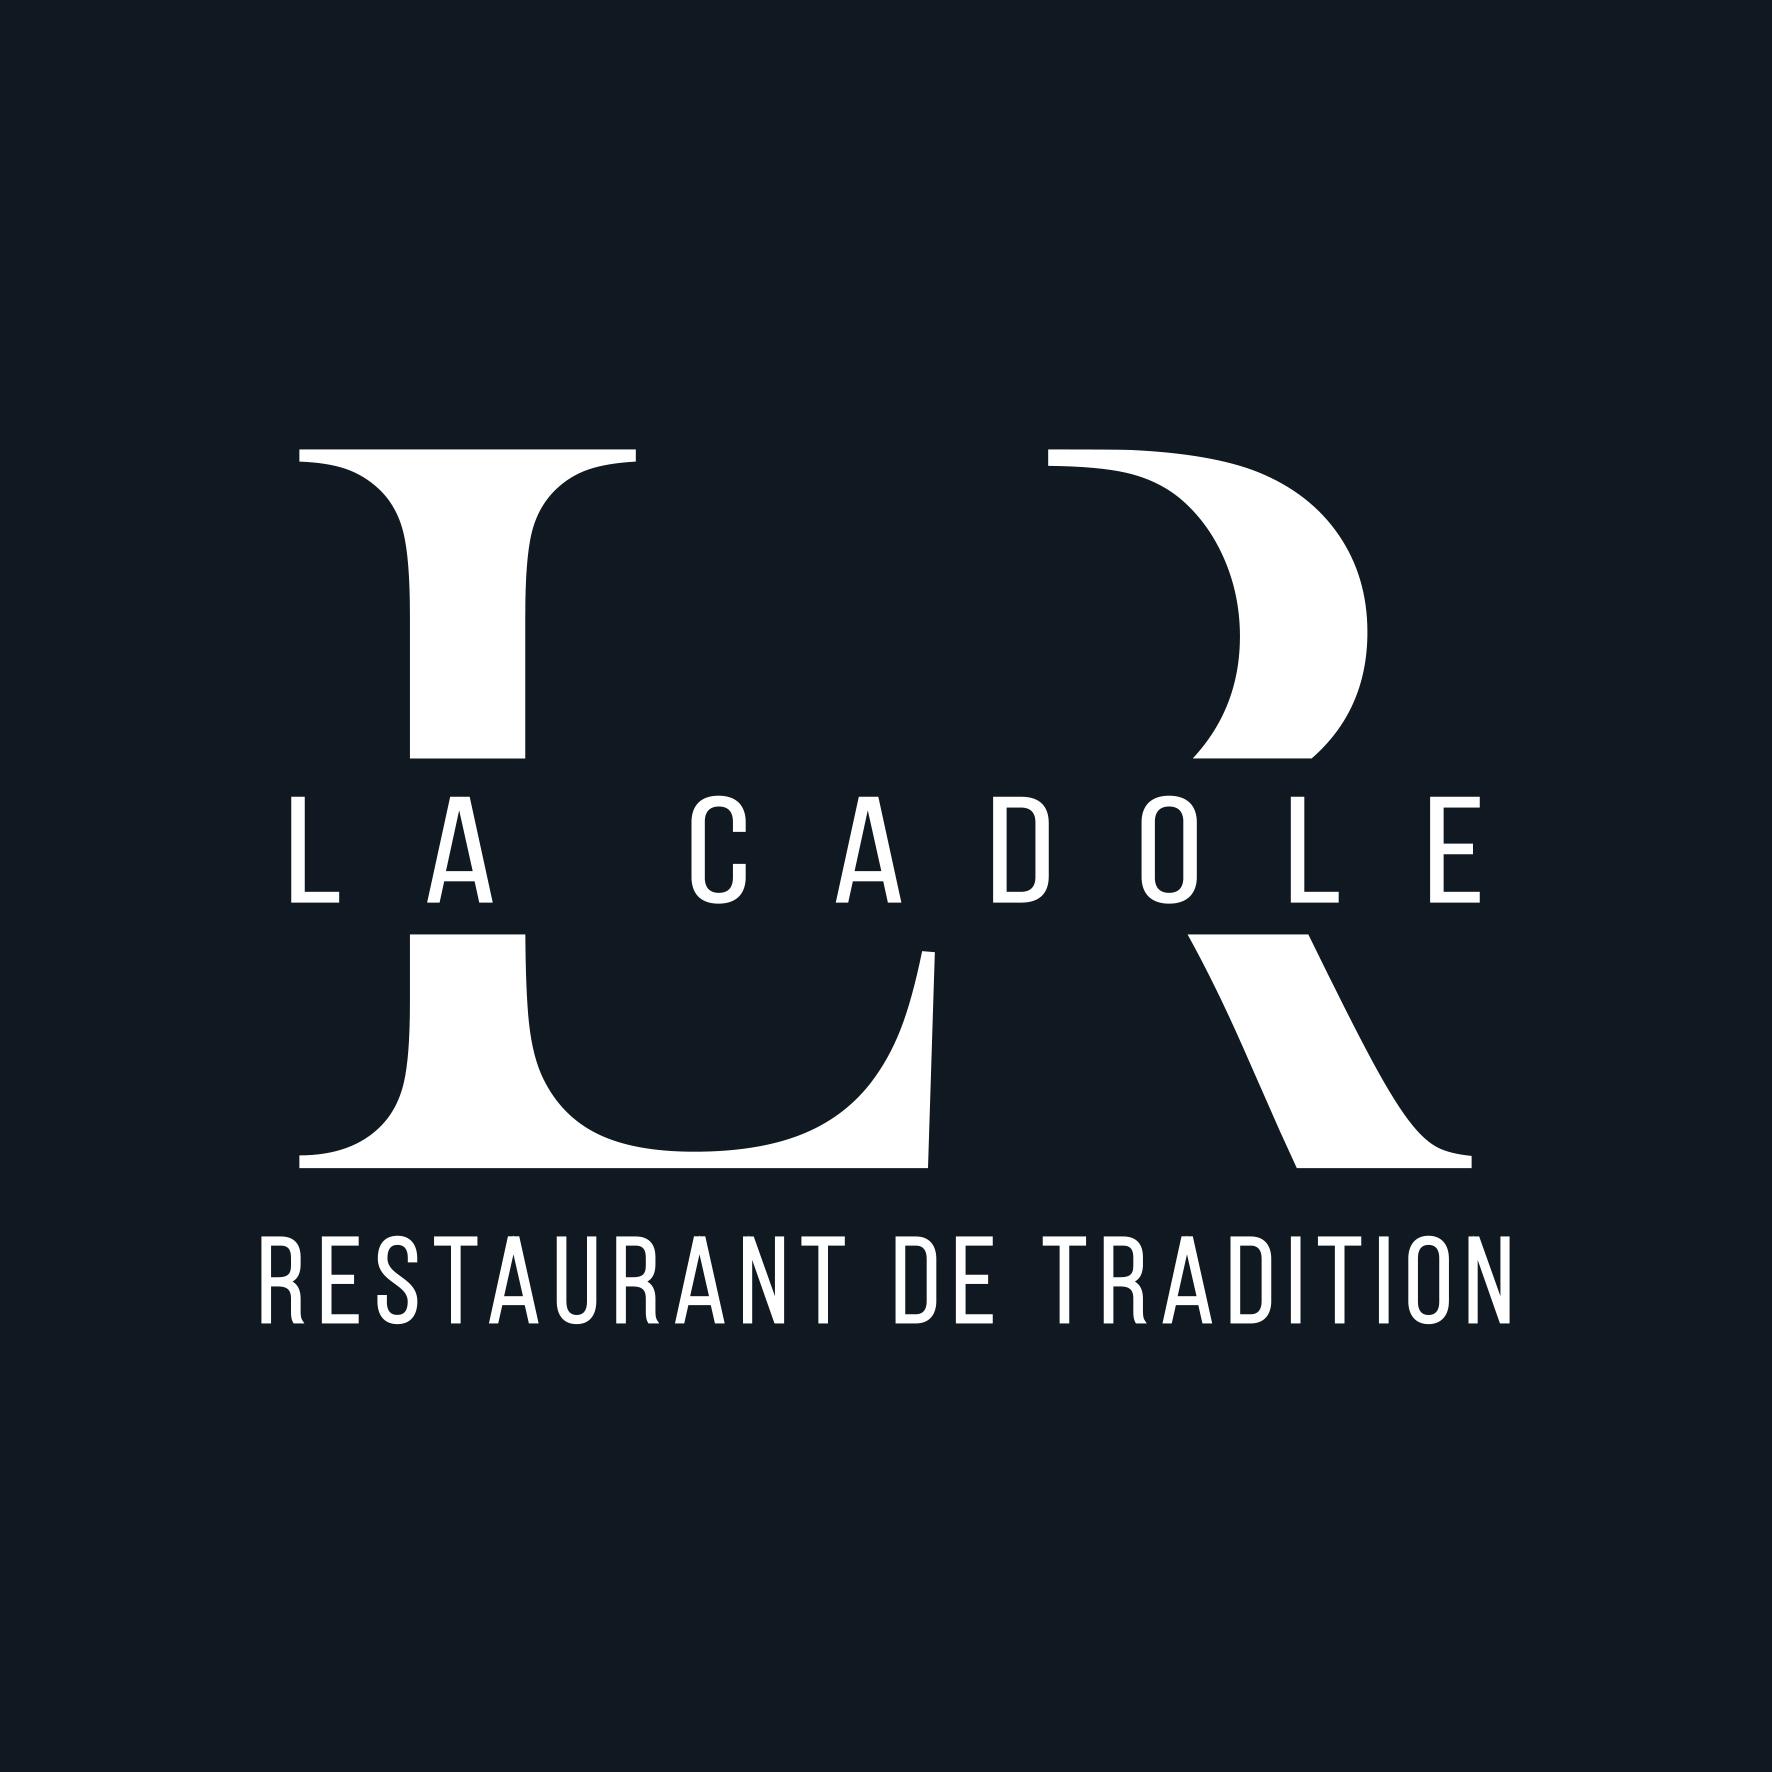 La-cadole restaurant